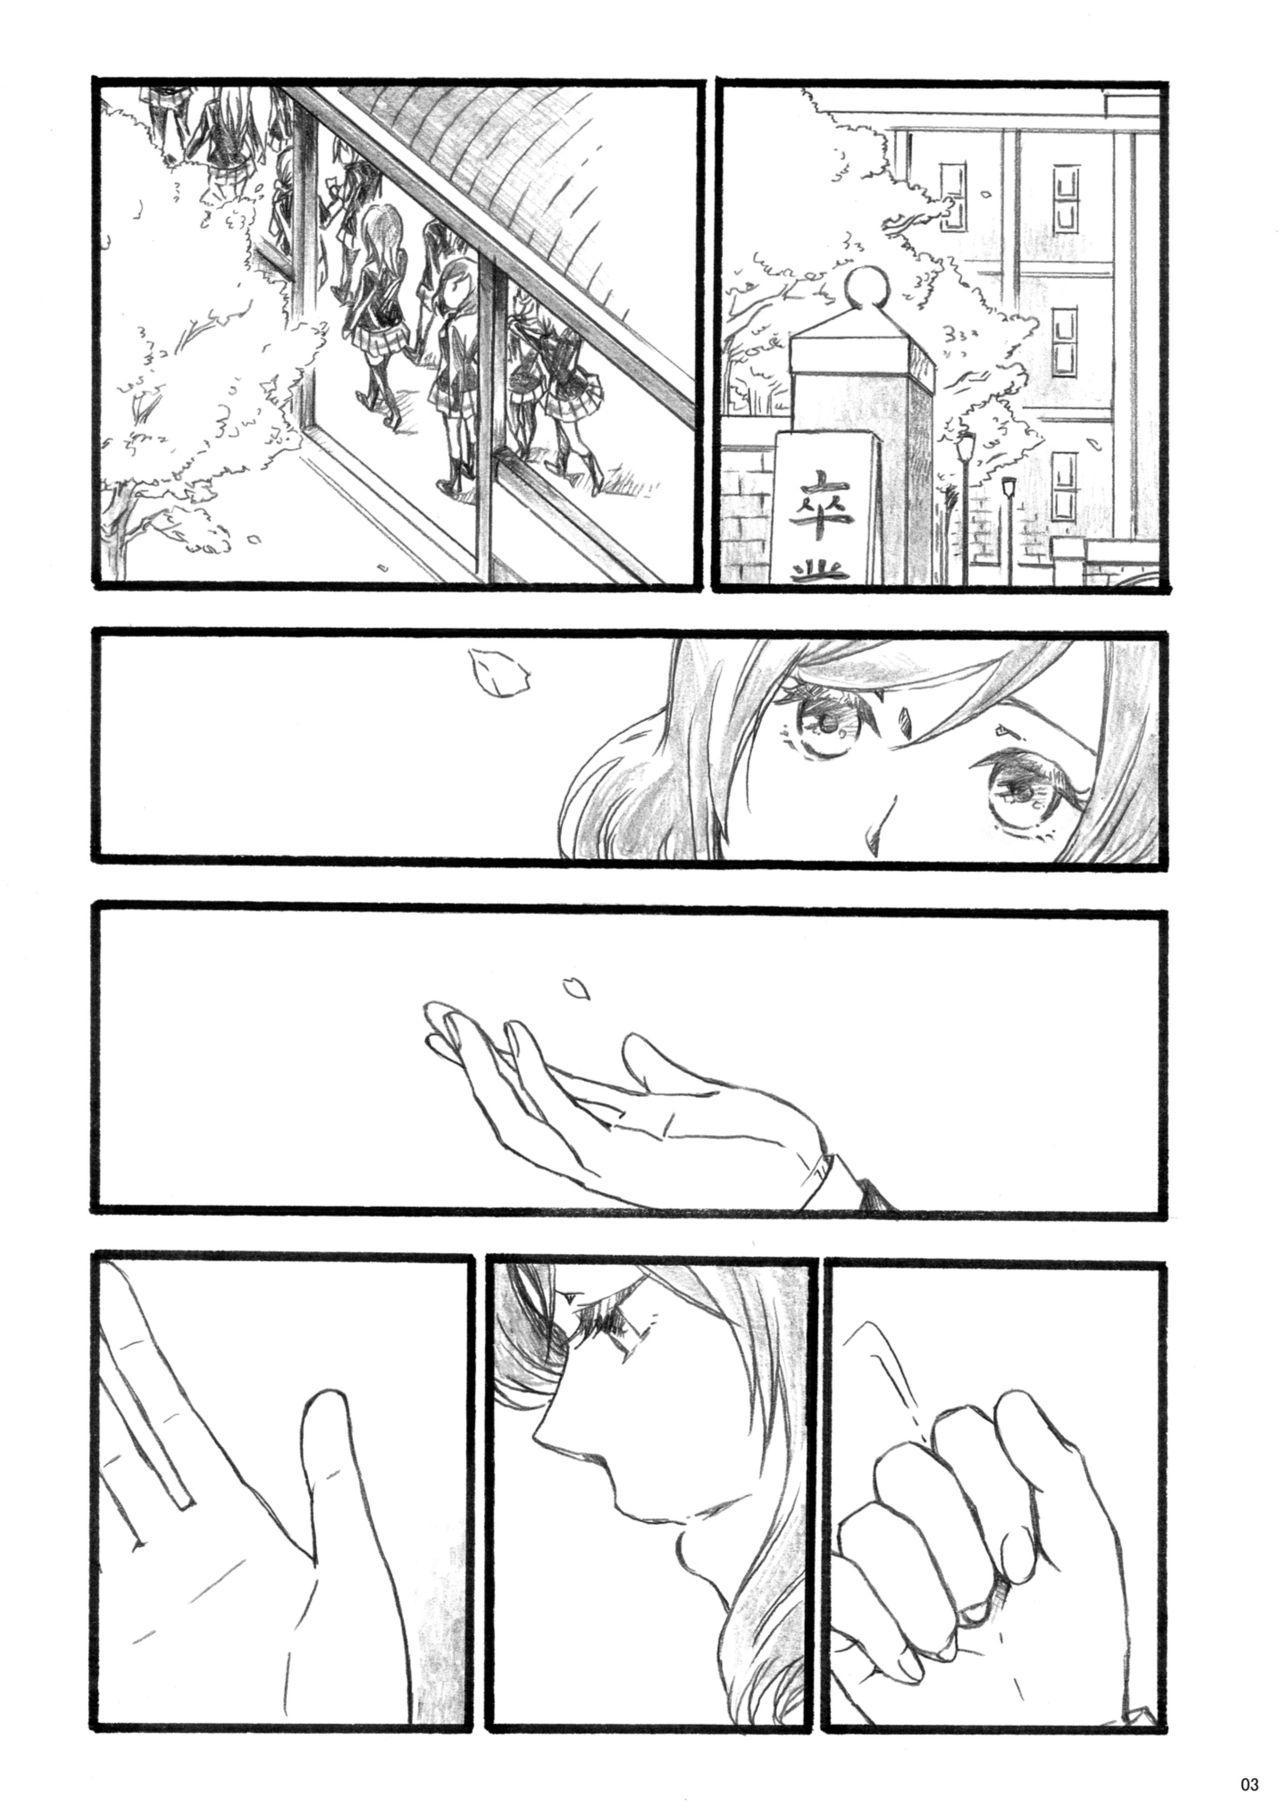 Sakura no ato 2